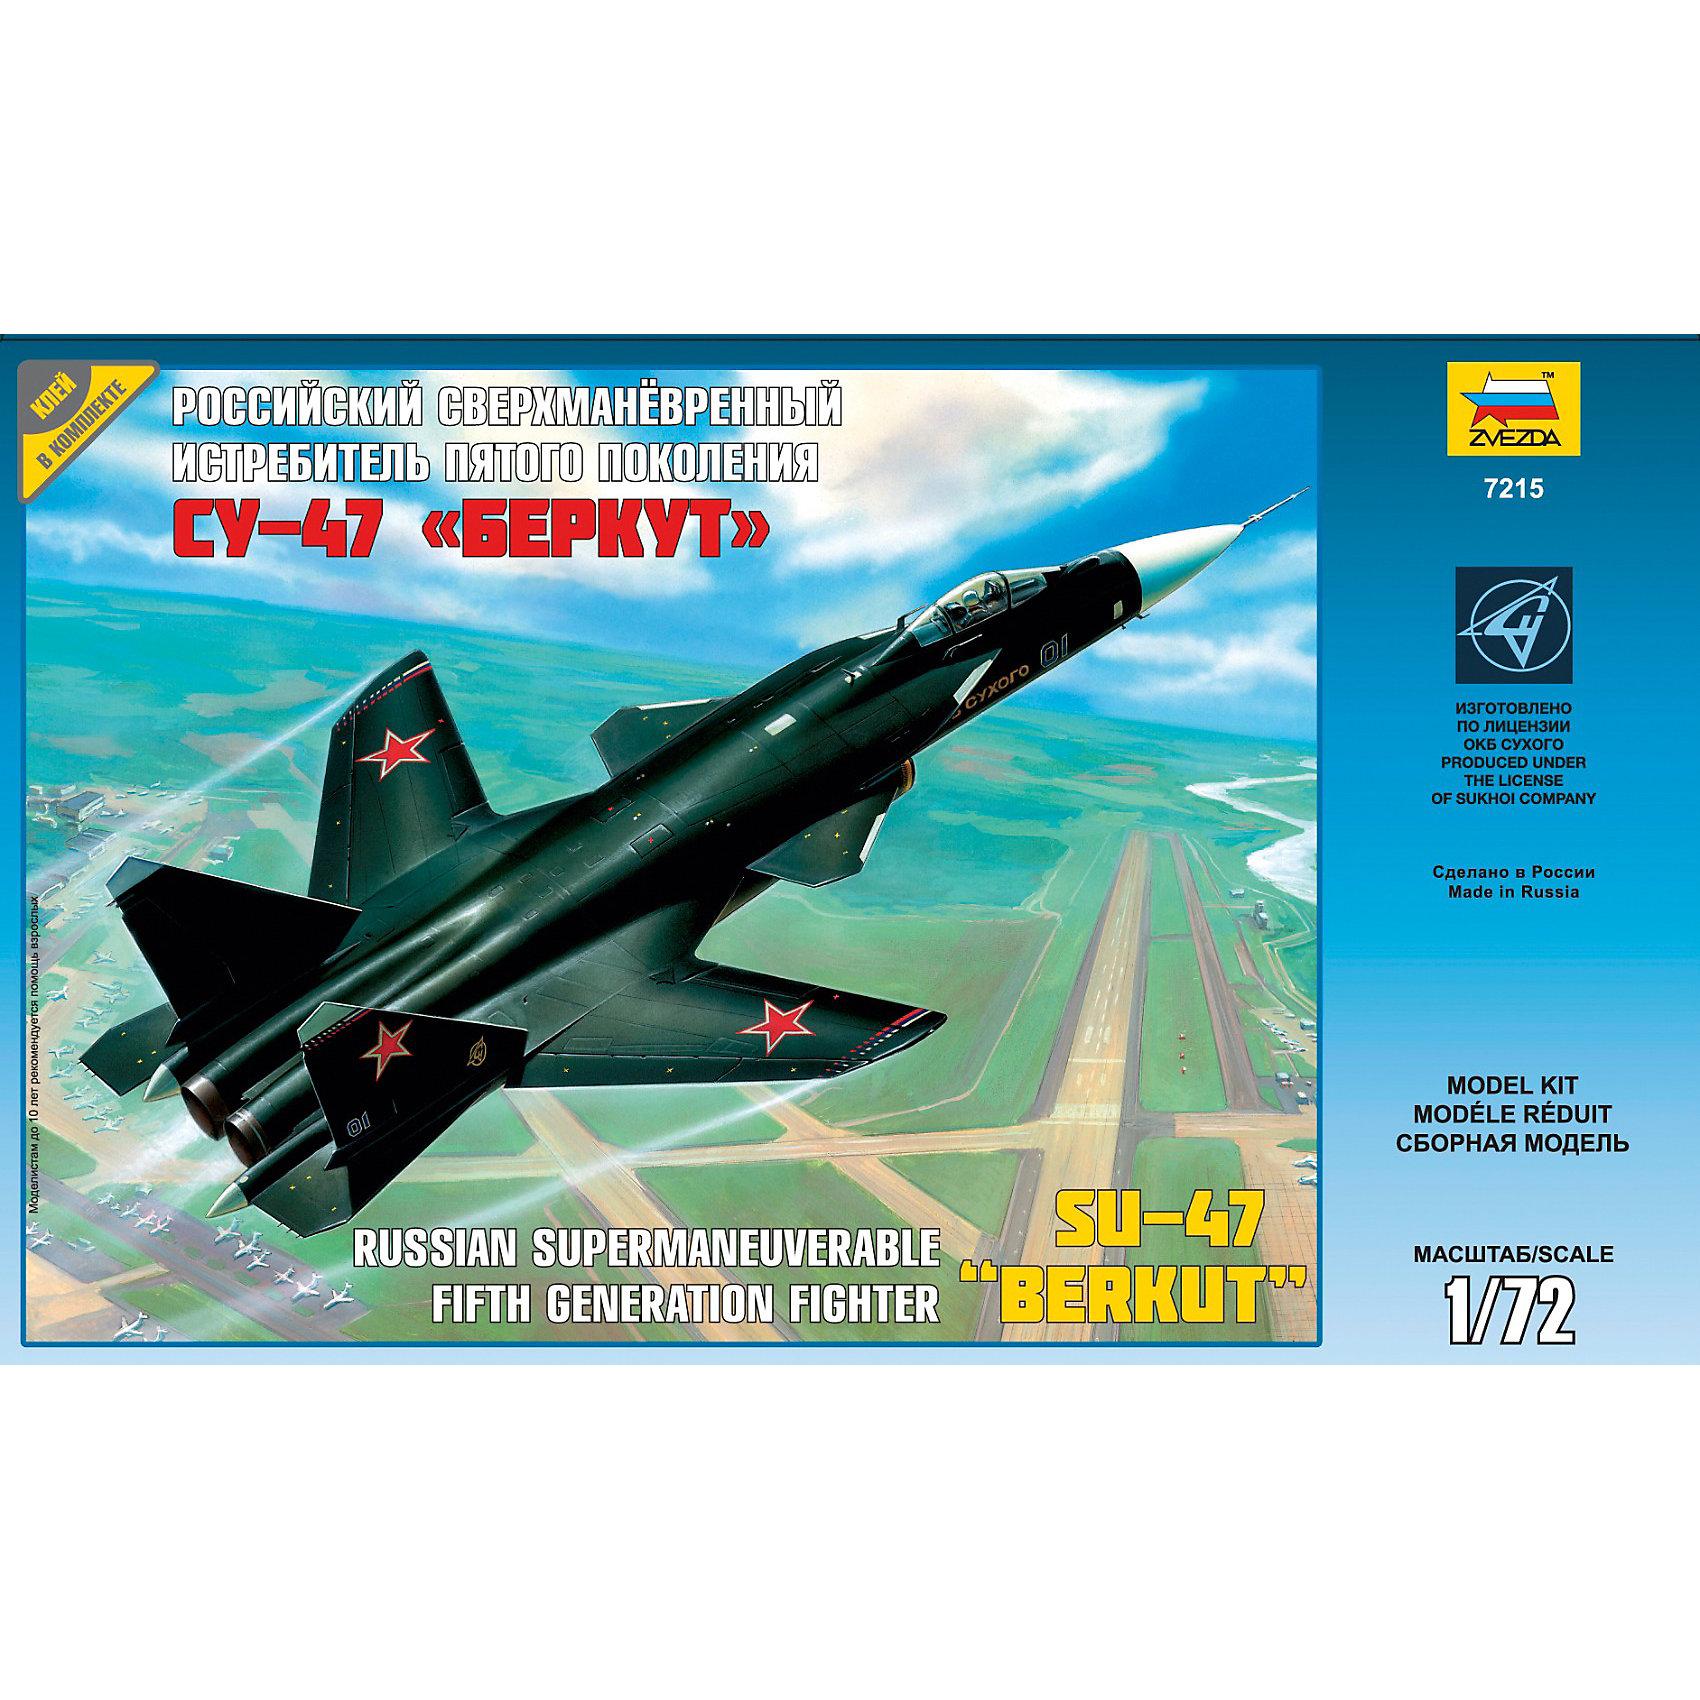 Звезда Сборная модель самолета С-47 Беркут, Звезда башун виталий михайлович звезда конструктора